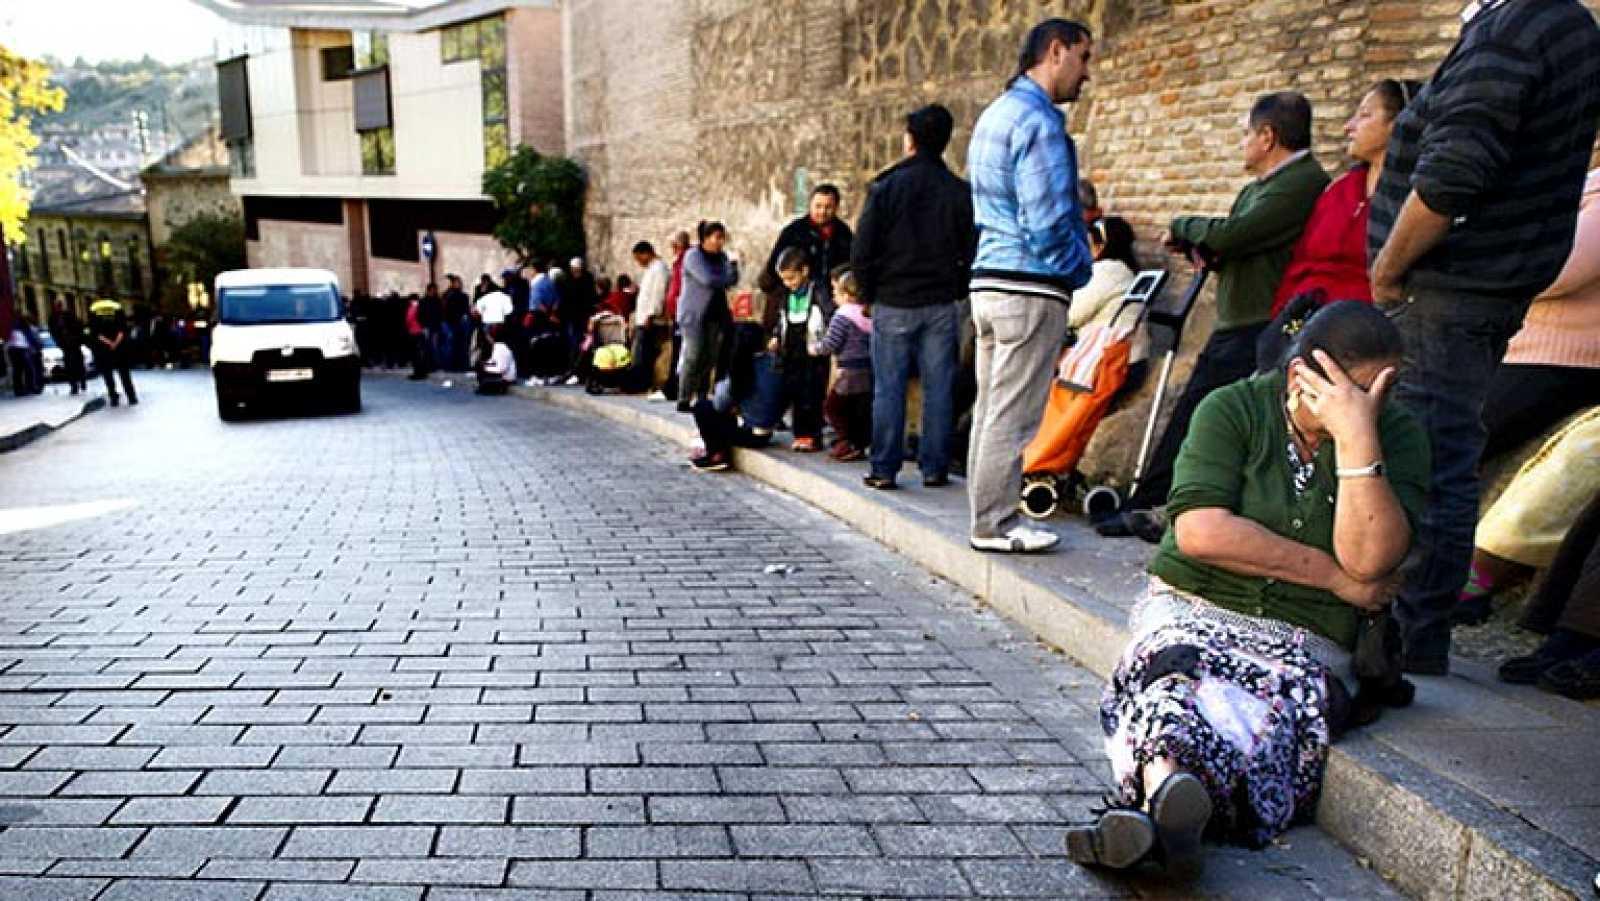 El 21,6% de los españoles vive por debajo del umbral de la pobreza en 2013